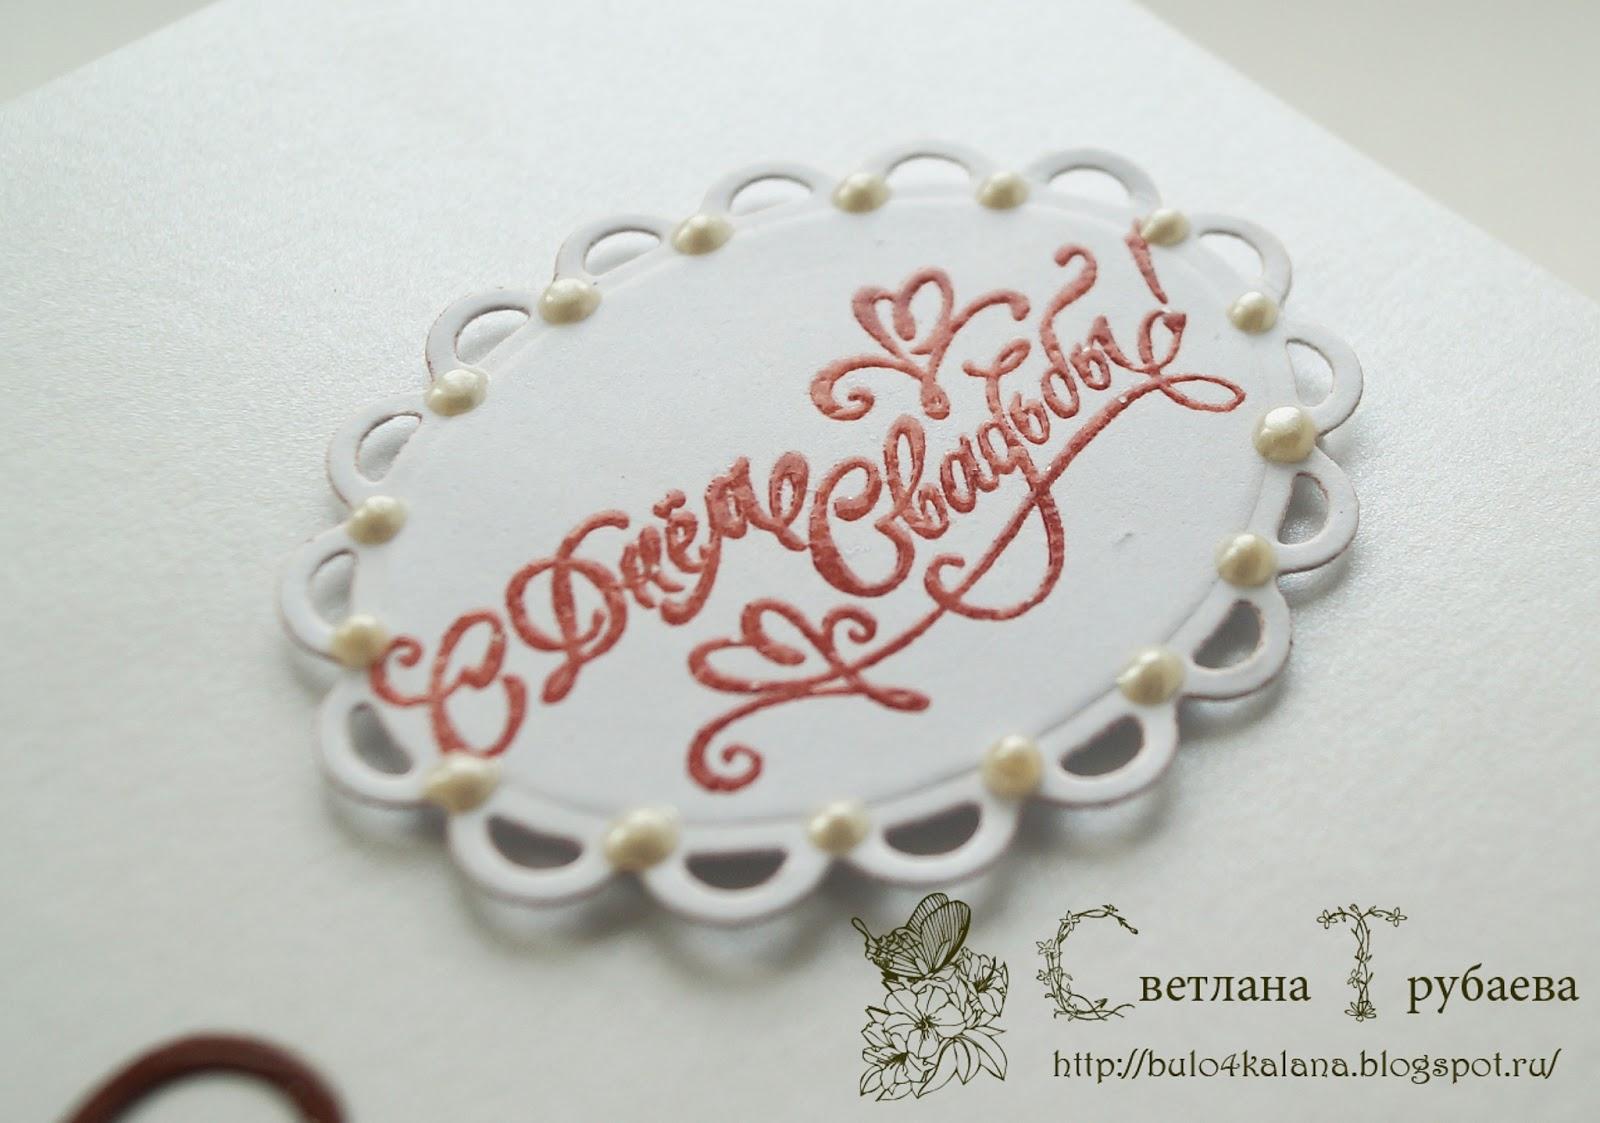 Серпантин идей поздравления с днем свадьбы 4